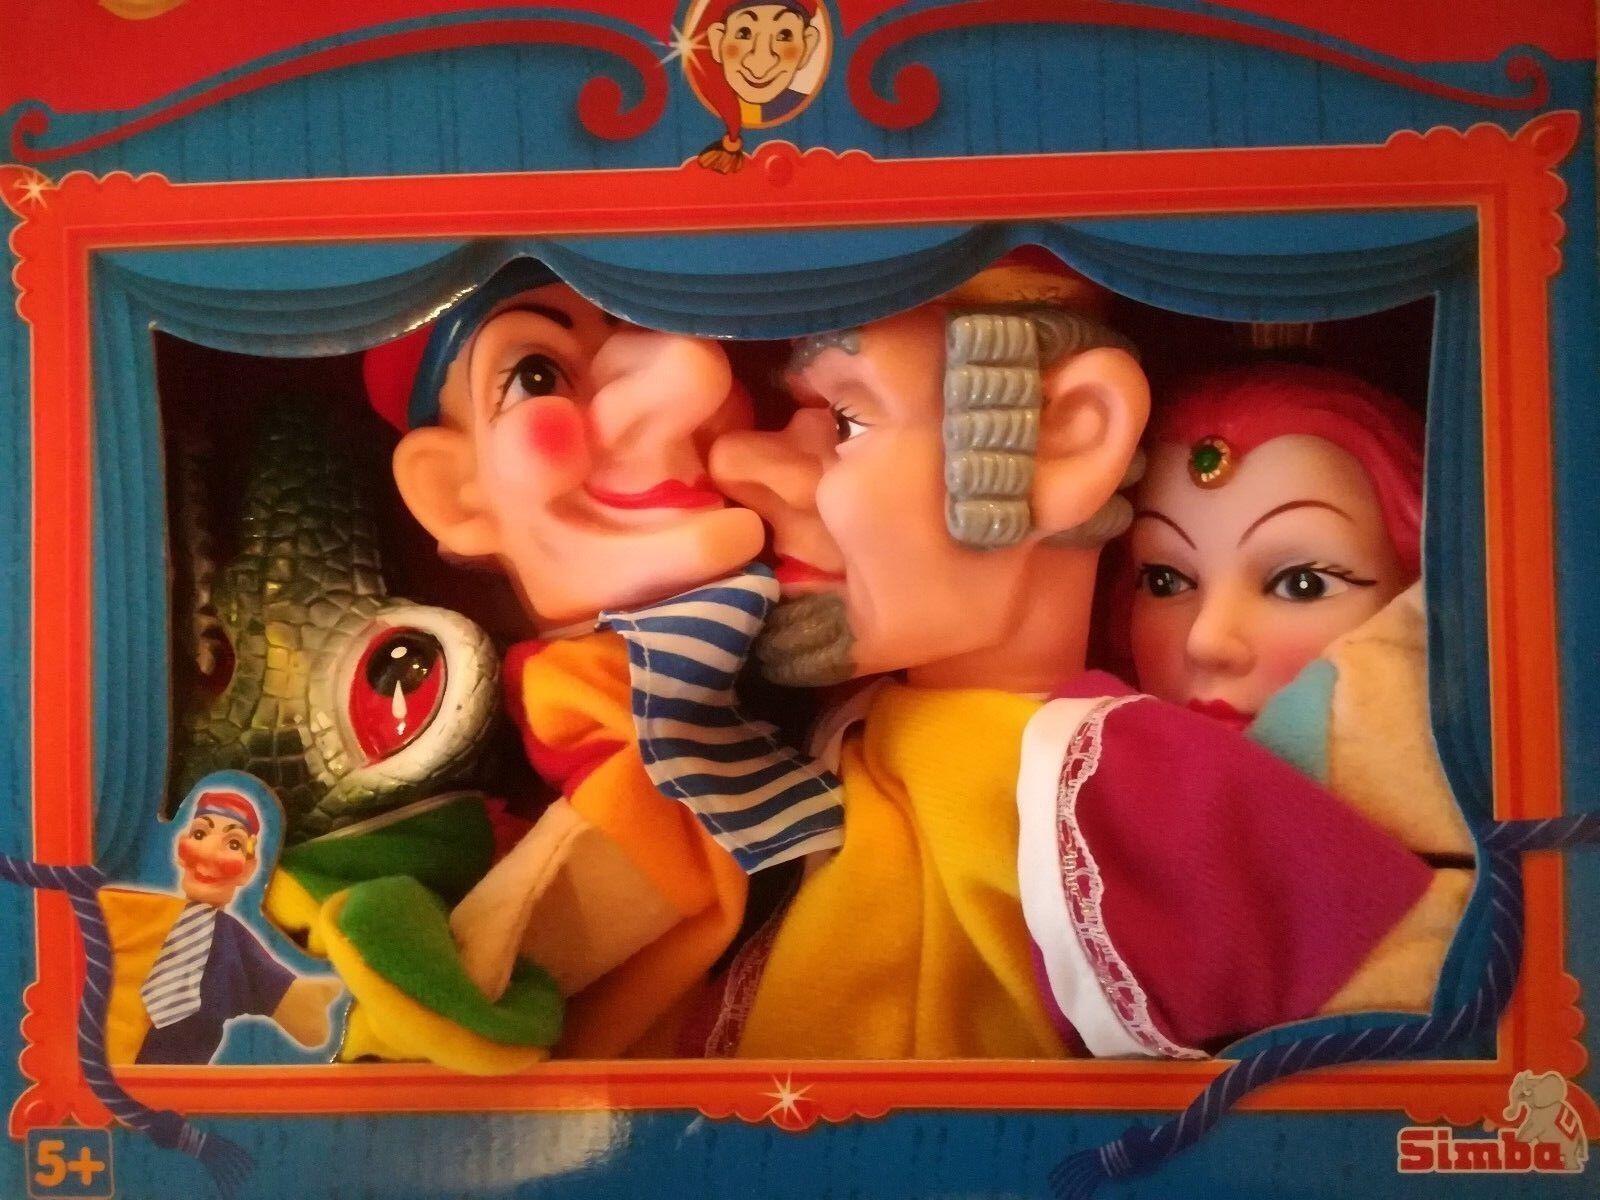 Roba Handpuppen Kasperlefiguren Kaspertheater 6 teile 9712 günstig kaufen Puppen & Zubehör Marionetten & Handpuppen